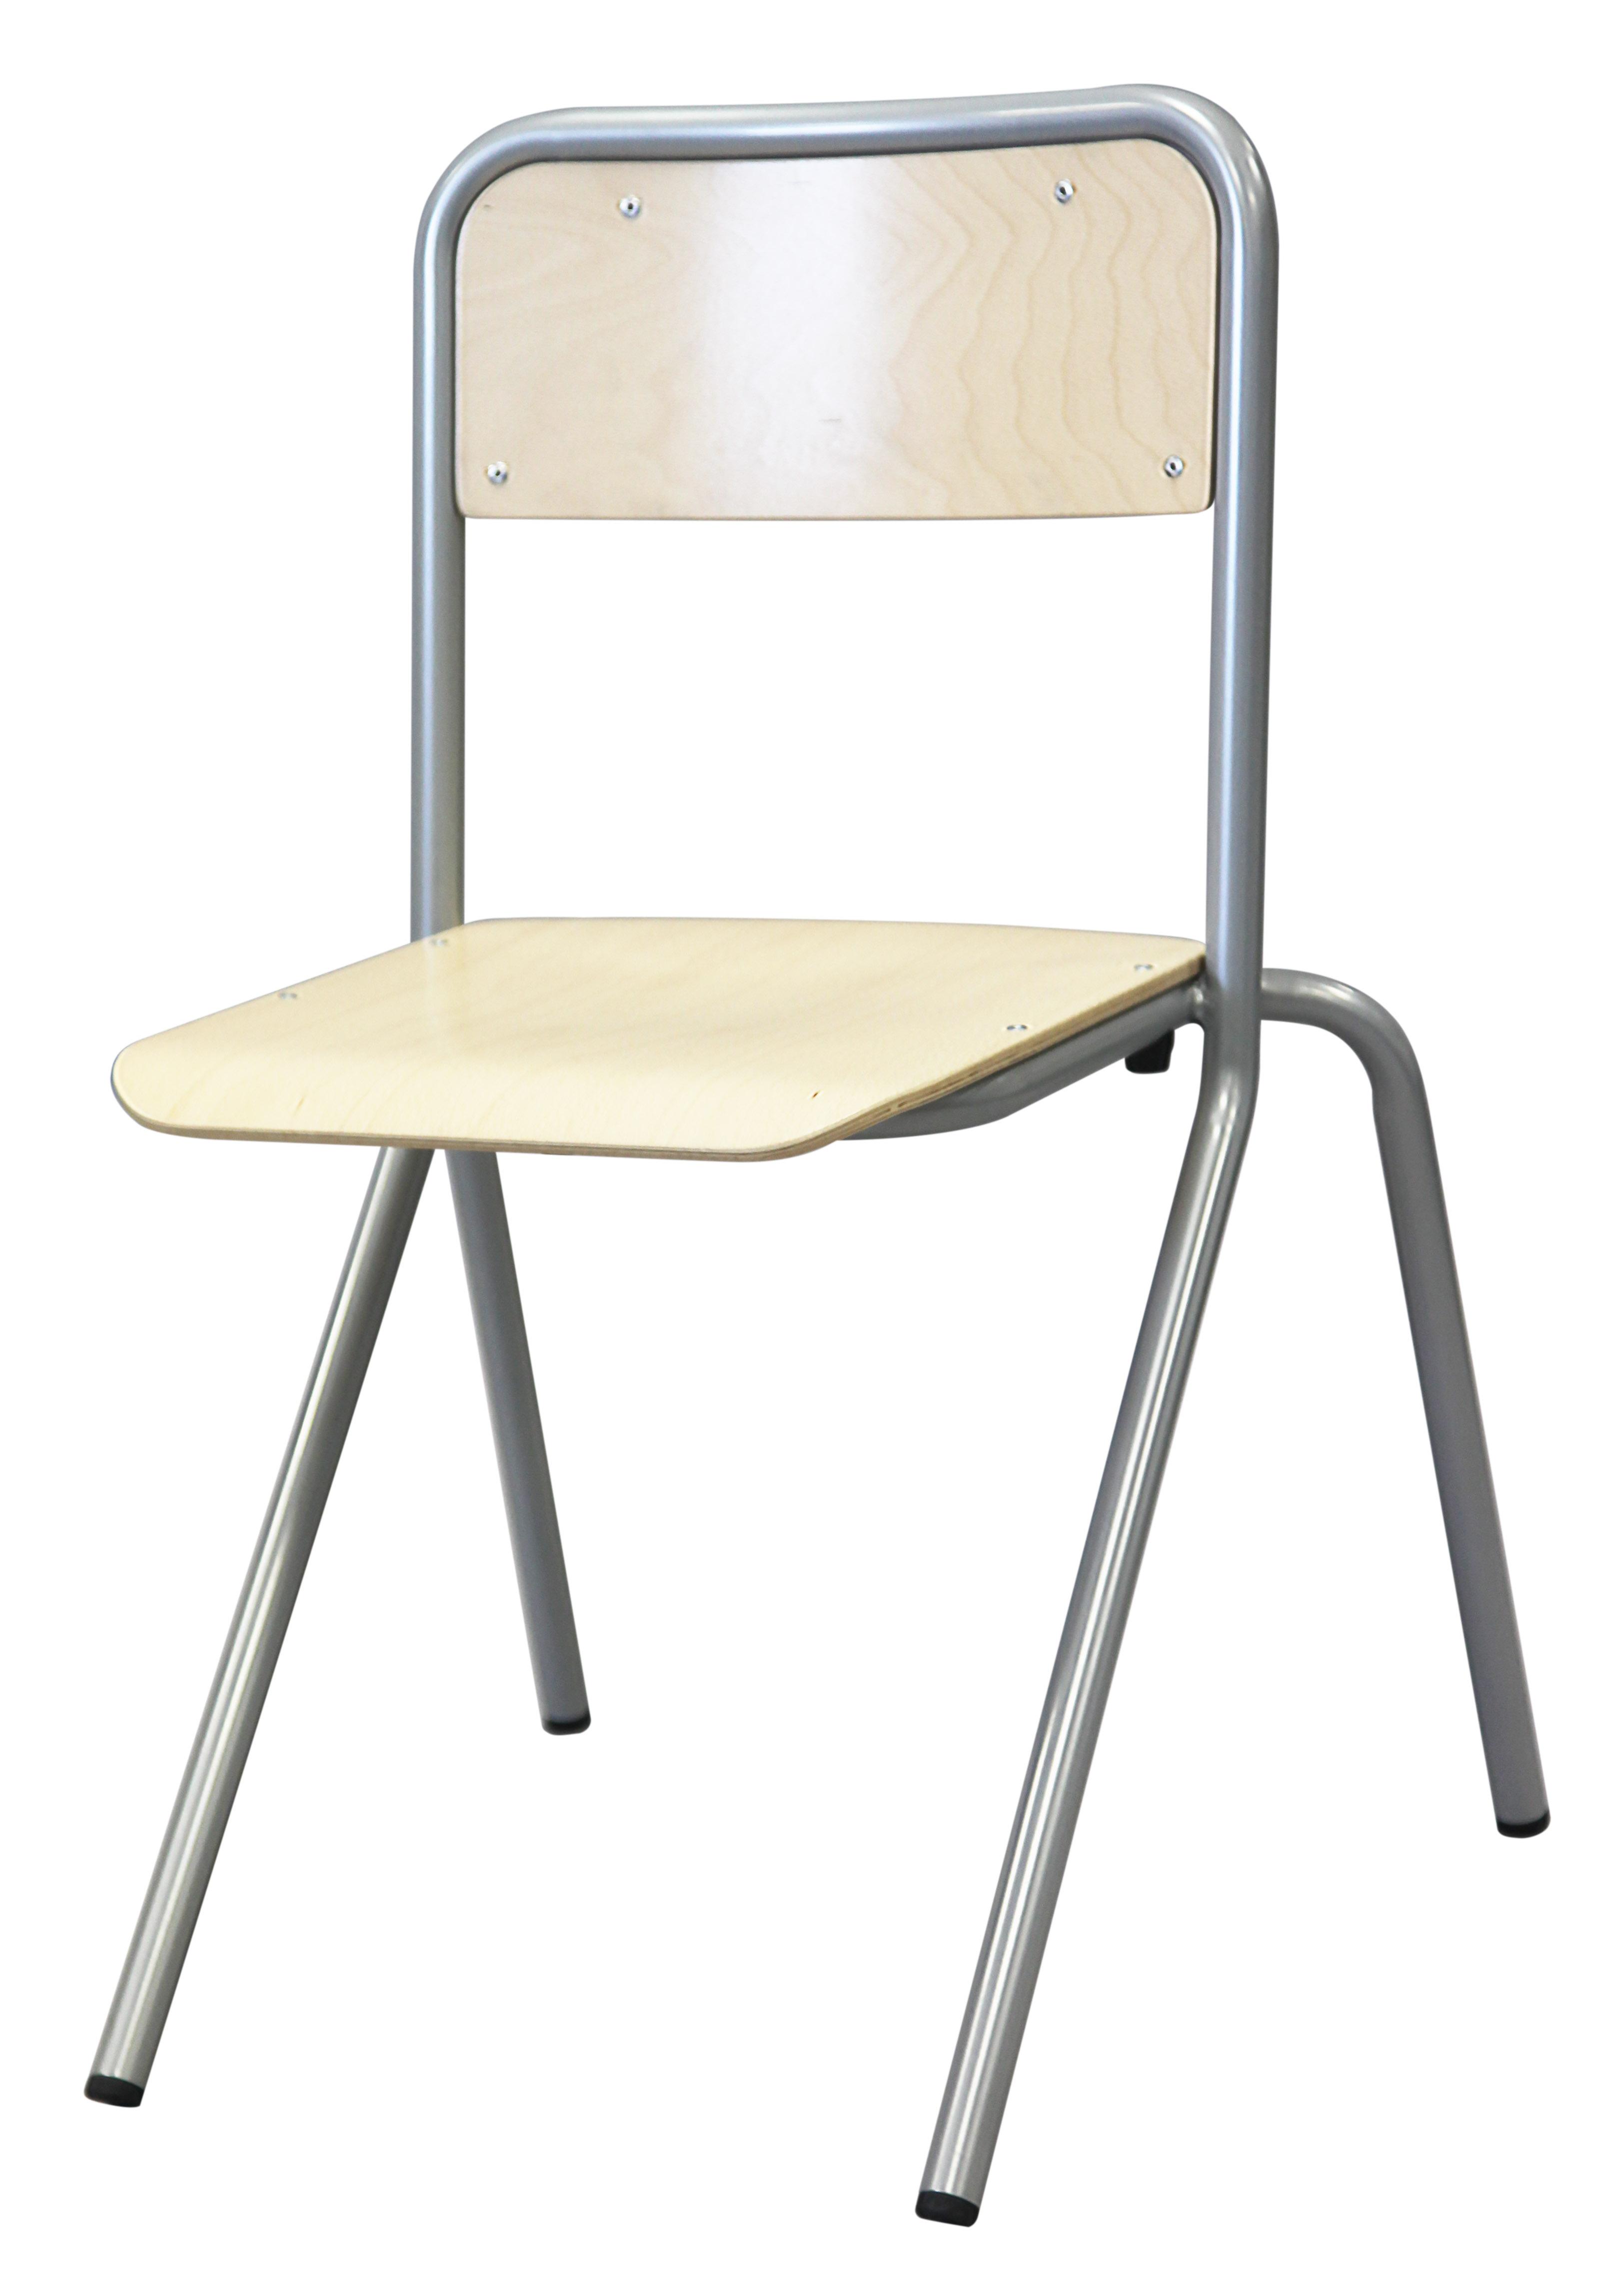 Chaise ALGO - 4 pieds appui sur table - assise et dossier multiplis